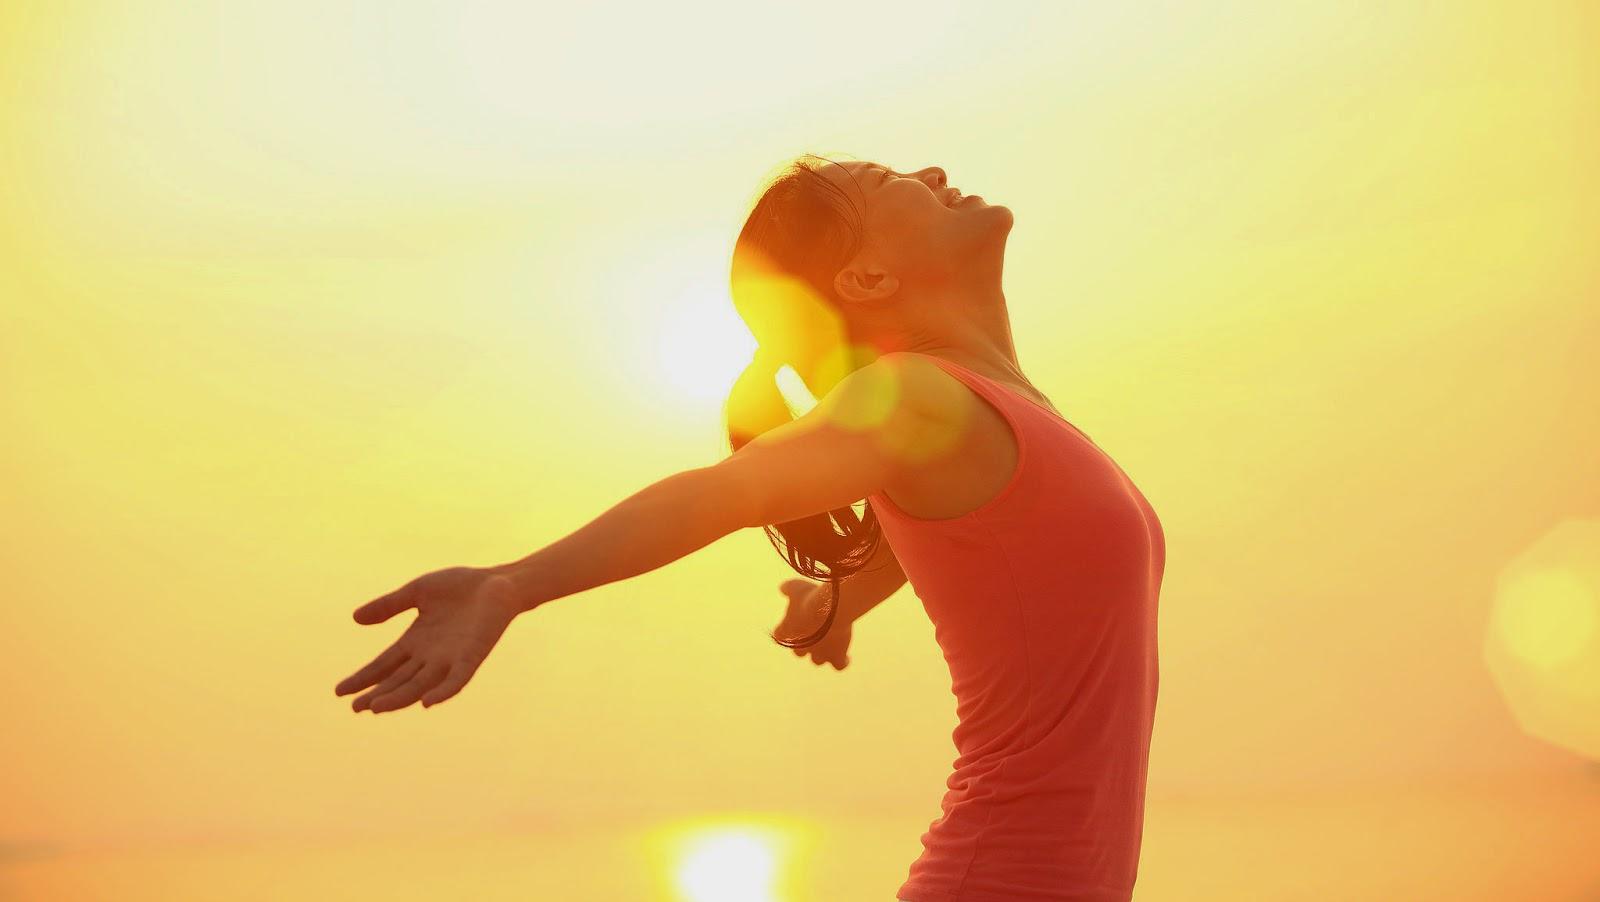 Manfaat Sinar Matahari